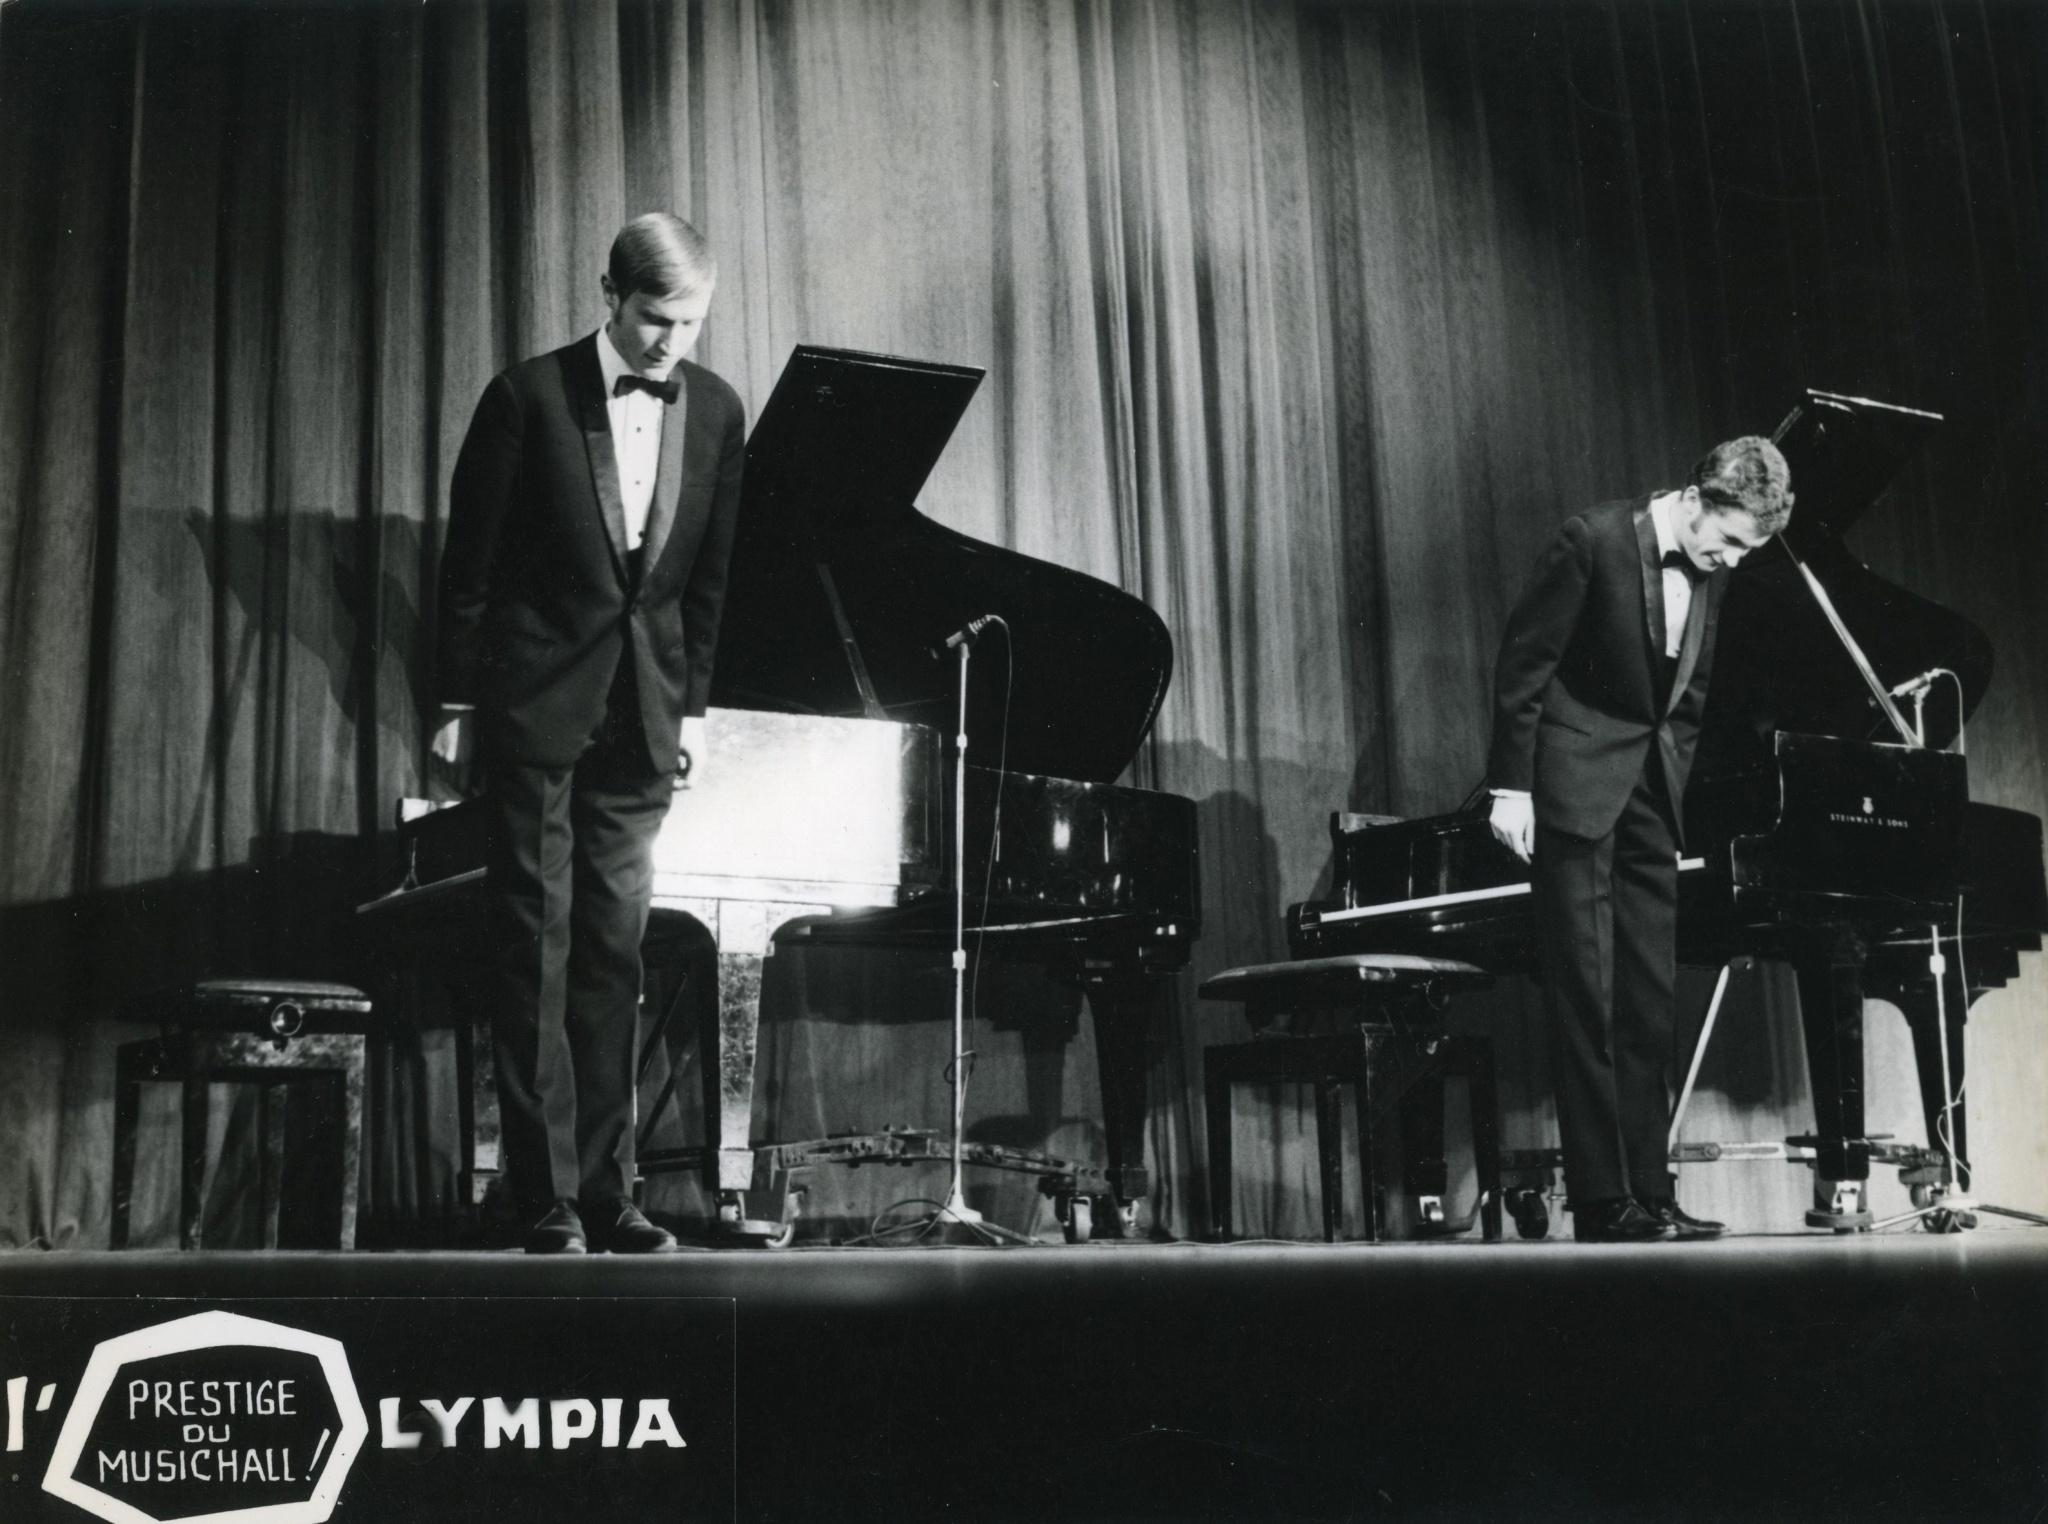 <div class='inner-box'><div class='close-desc'></div><span class='opis'>Marek Tomaszewski i Wacław Kisielewski podczas koncertu Music-Hall De Varsovie, w paryskiej Olympii. Lipiec- sierpień 1966</span><div class='clearfix'></div><span>Sygn. FIL01236</span><div class='clearfix'></div><span>&copy; Instytut Literacki</span></div>